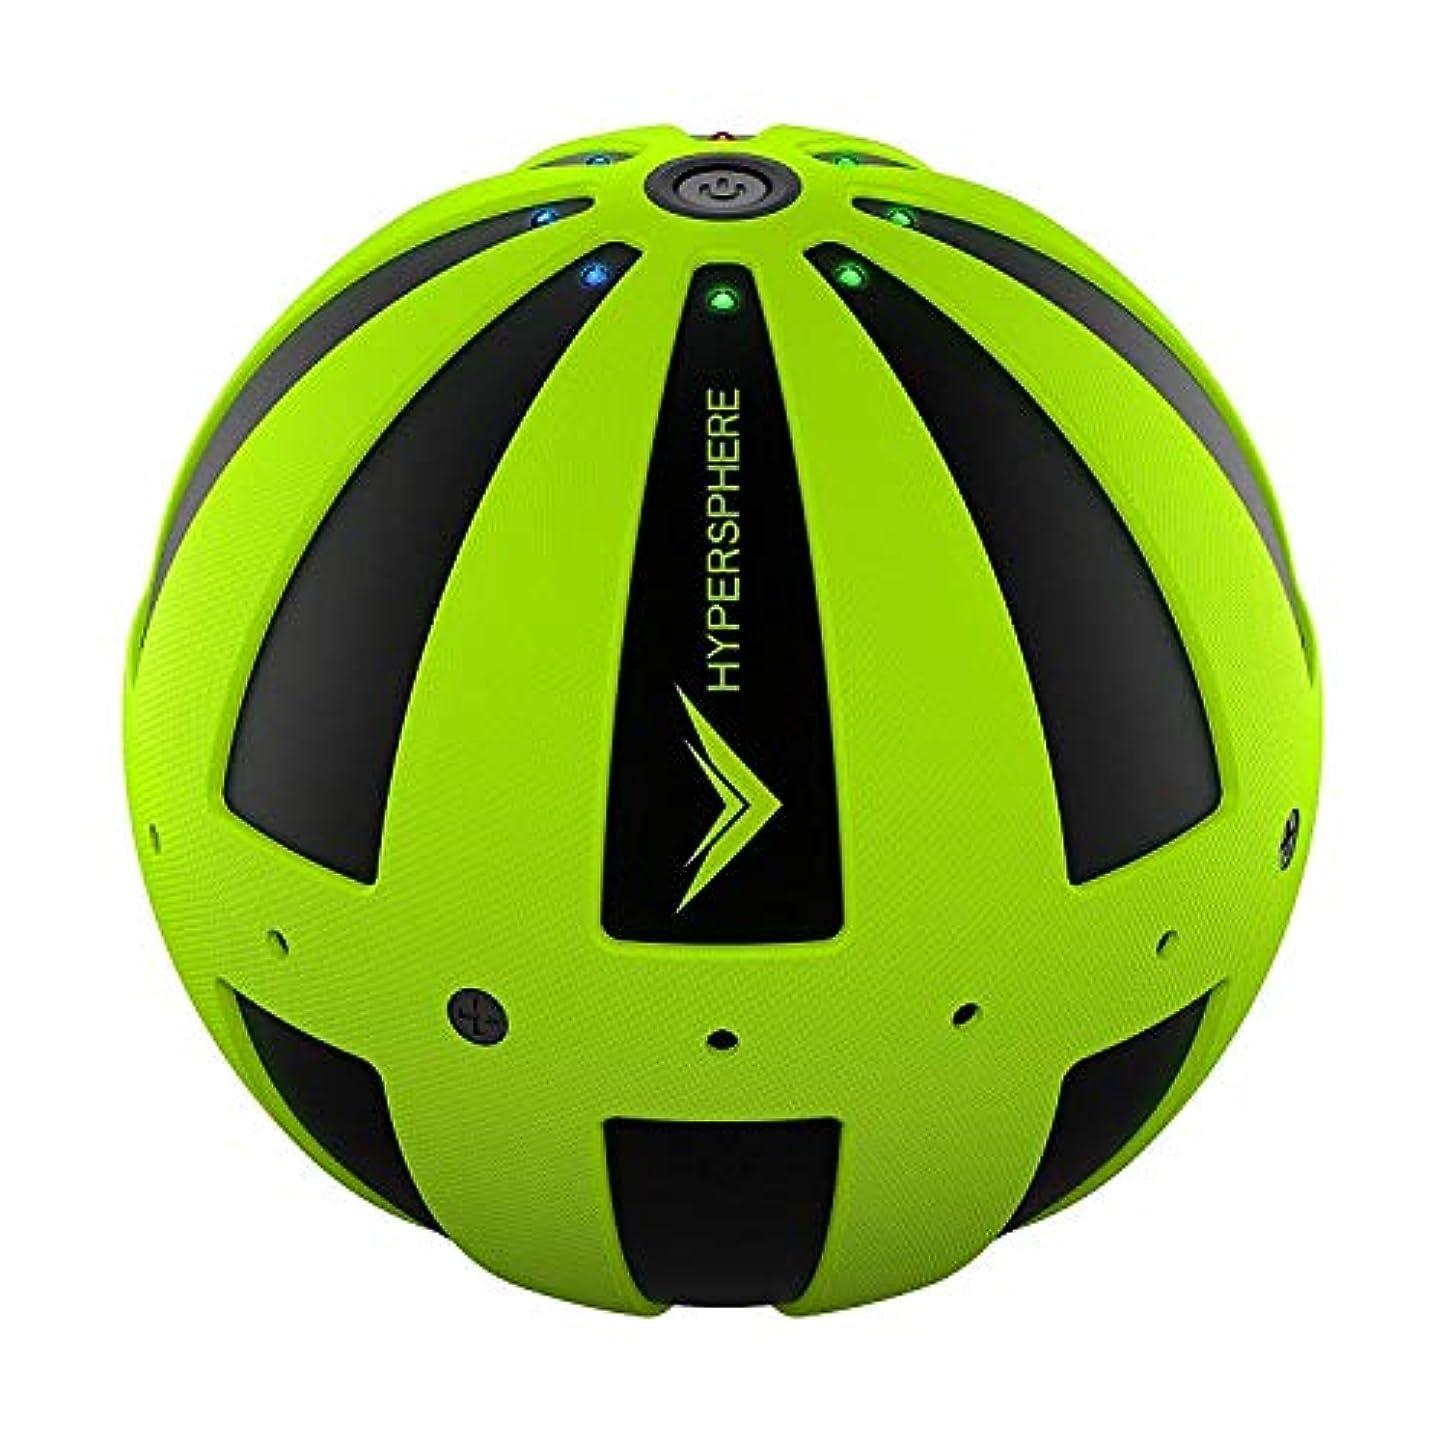 問い合わせる禁止する操作可能Hypersphere Vibrating Fitness Ball (PSEアダプタ付属) [並行輸入品]